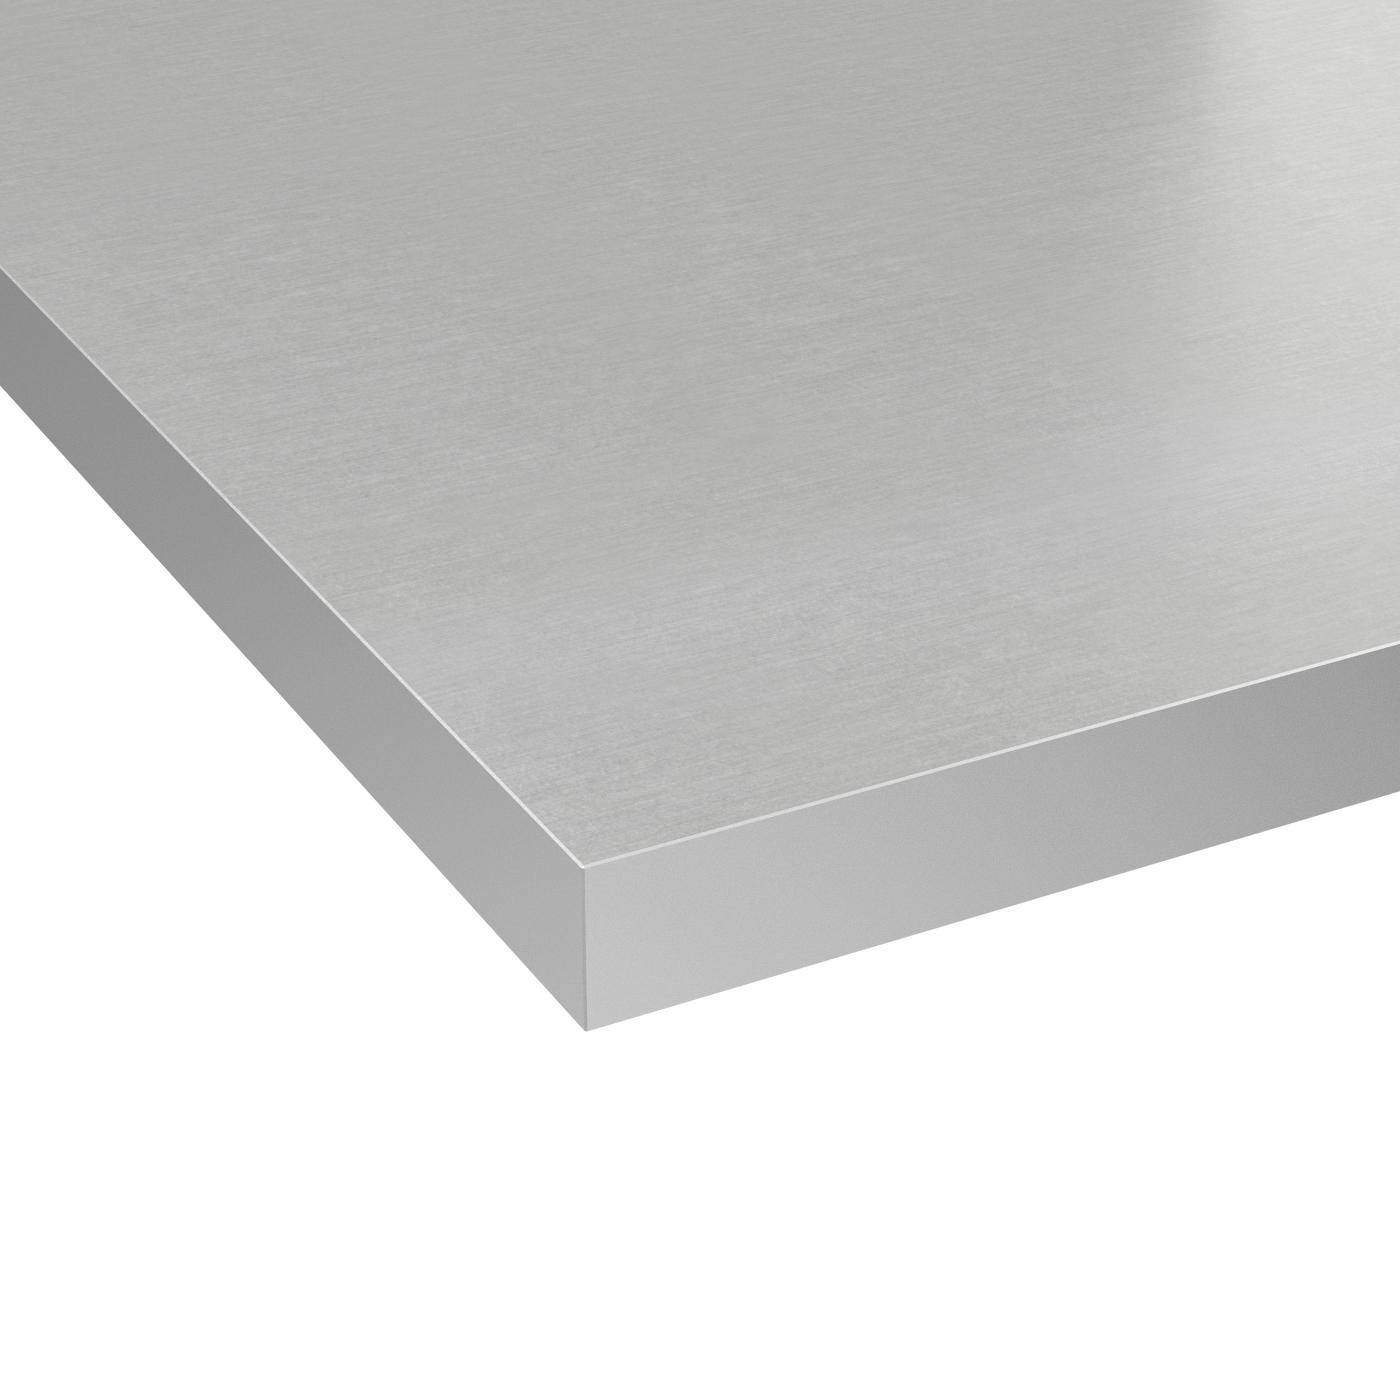 Plan De Travail Laminé plan de travail cuisine n°403 décor gris alu stratifié, chant coordonné,  l204 x l62 x e3.8 cm, planeko